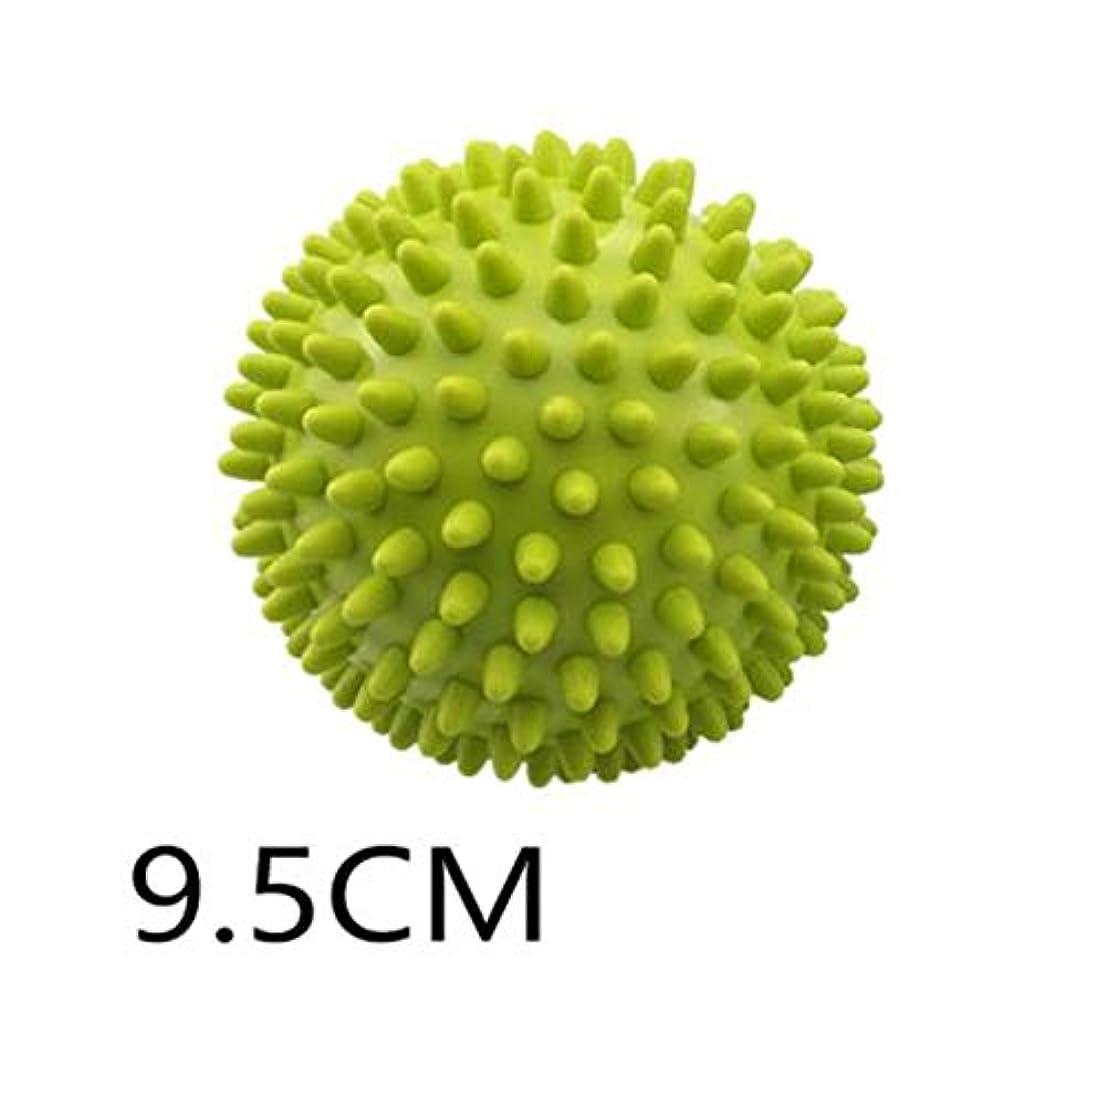 ナプキンデータムぬれたとげのボール - グリーン